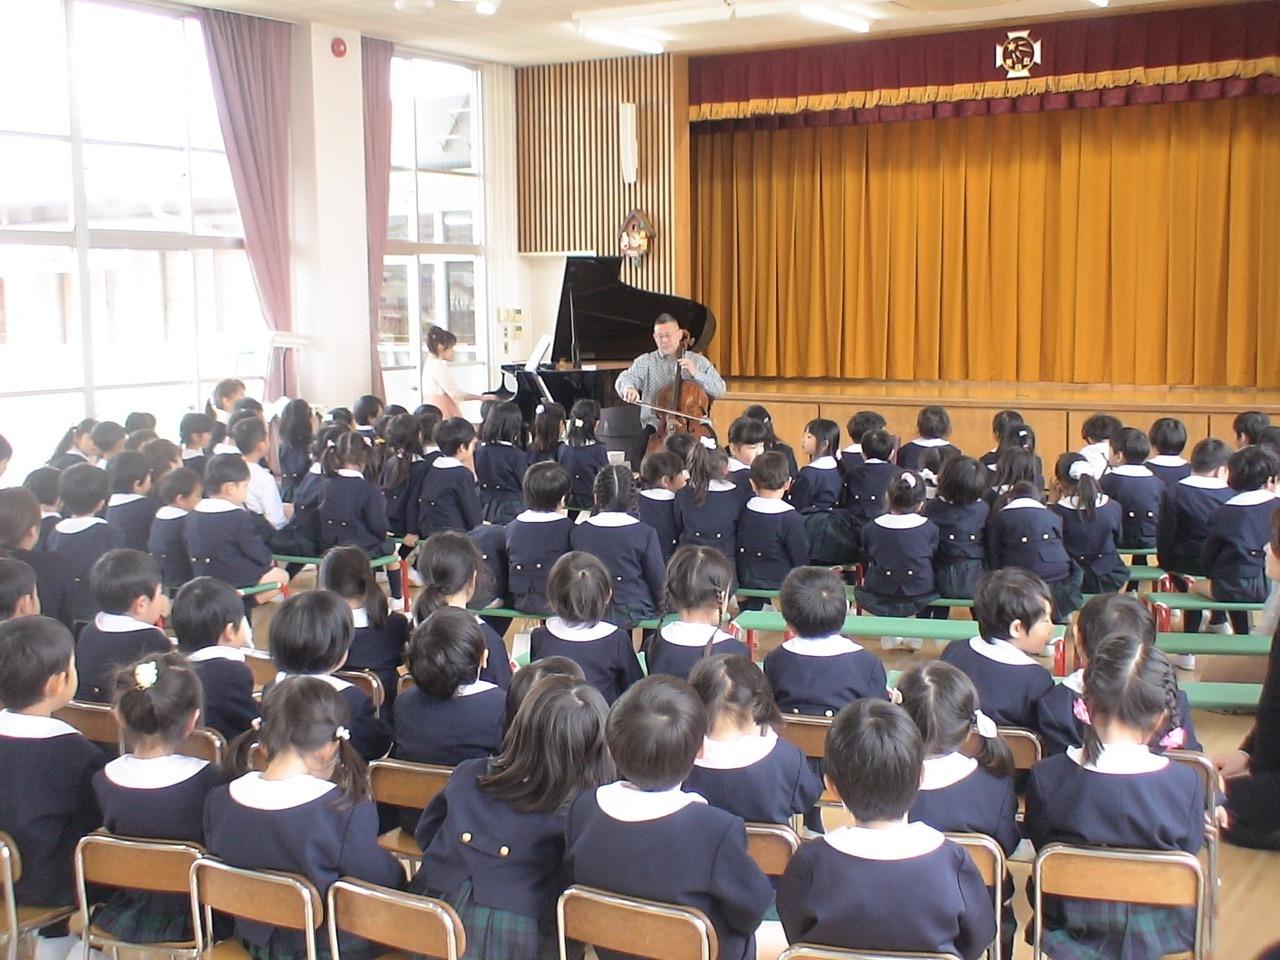 幼稚園コンサート_d0016397_01284708.jpg